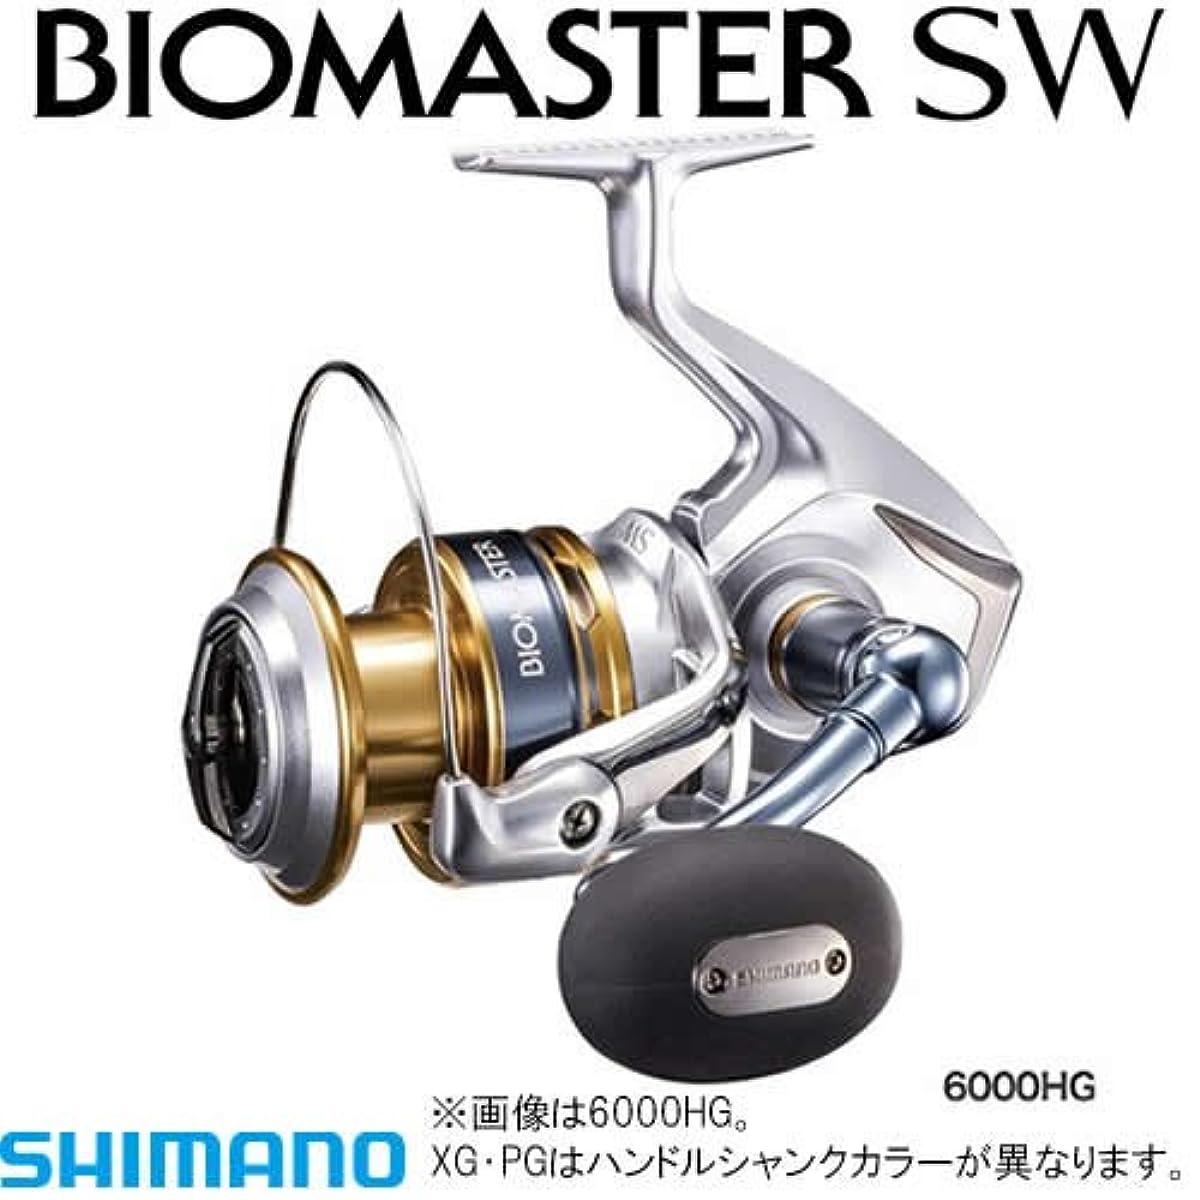 [해외] 당일발송 16 바이오마스터 SW 6000XG